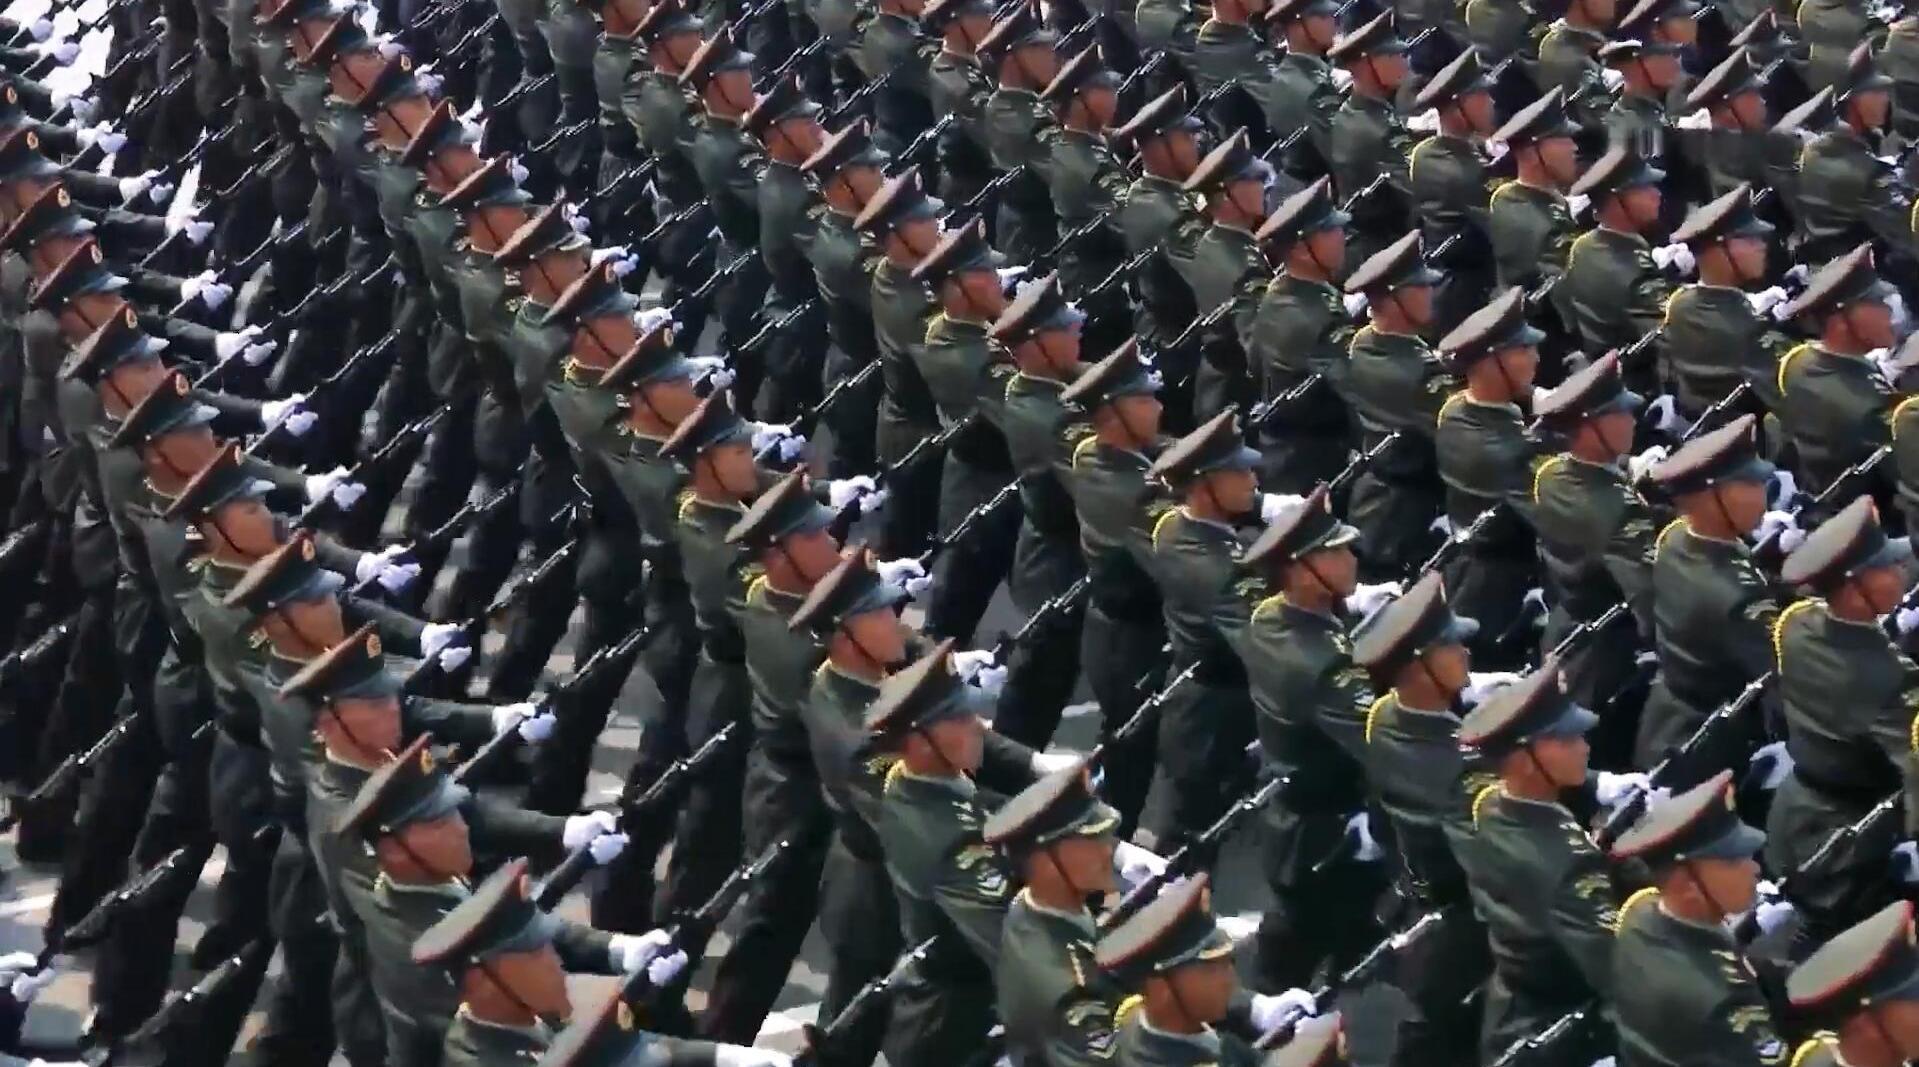 新中国70周年大阅兵,陆军方队接受检阅,正步劈枪威武霸气!